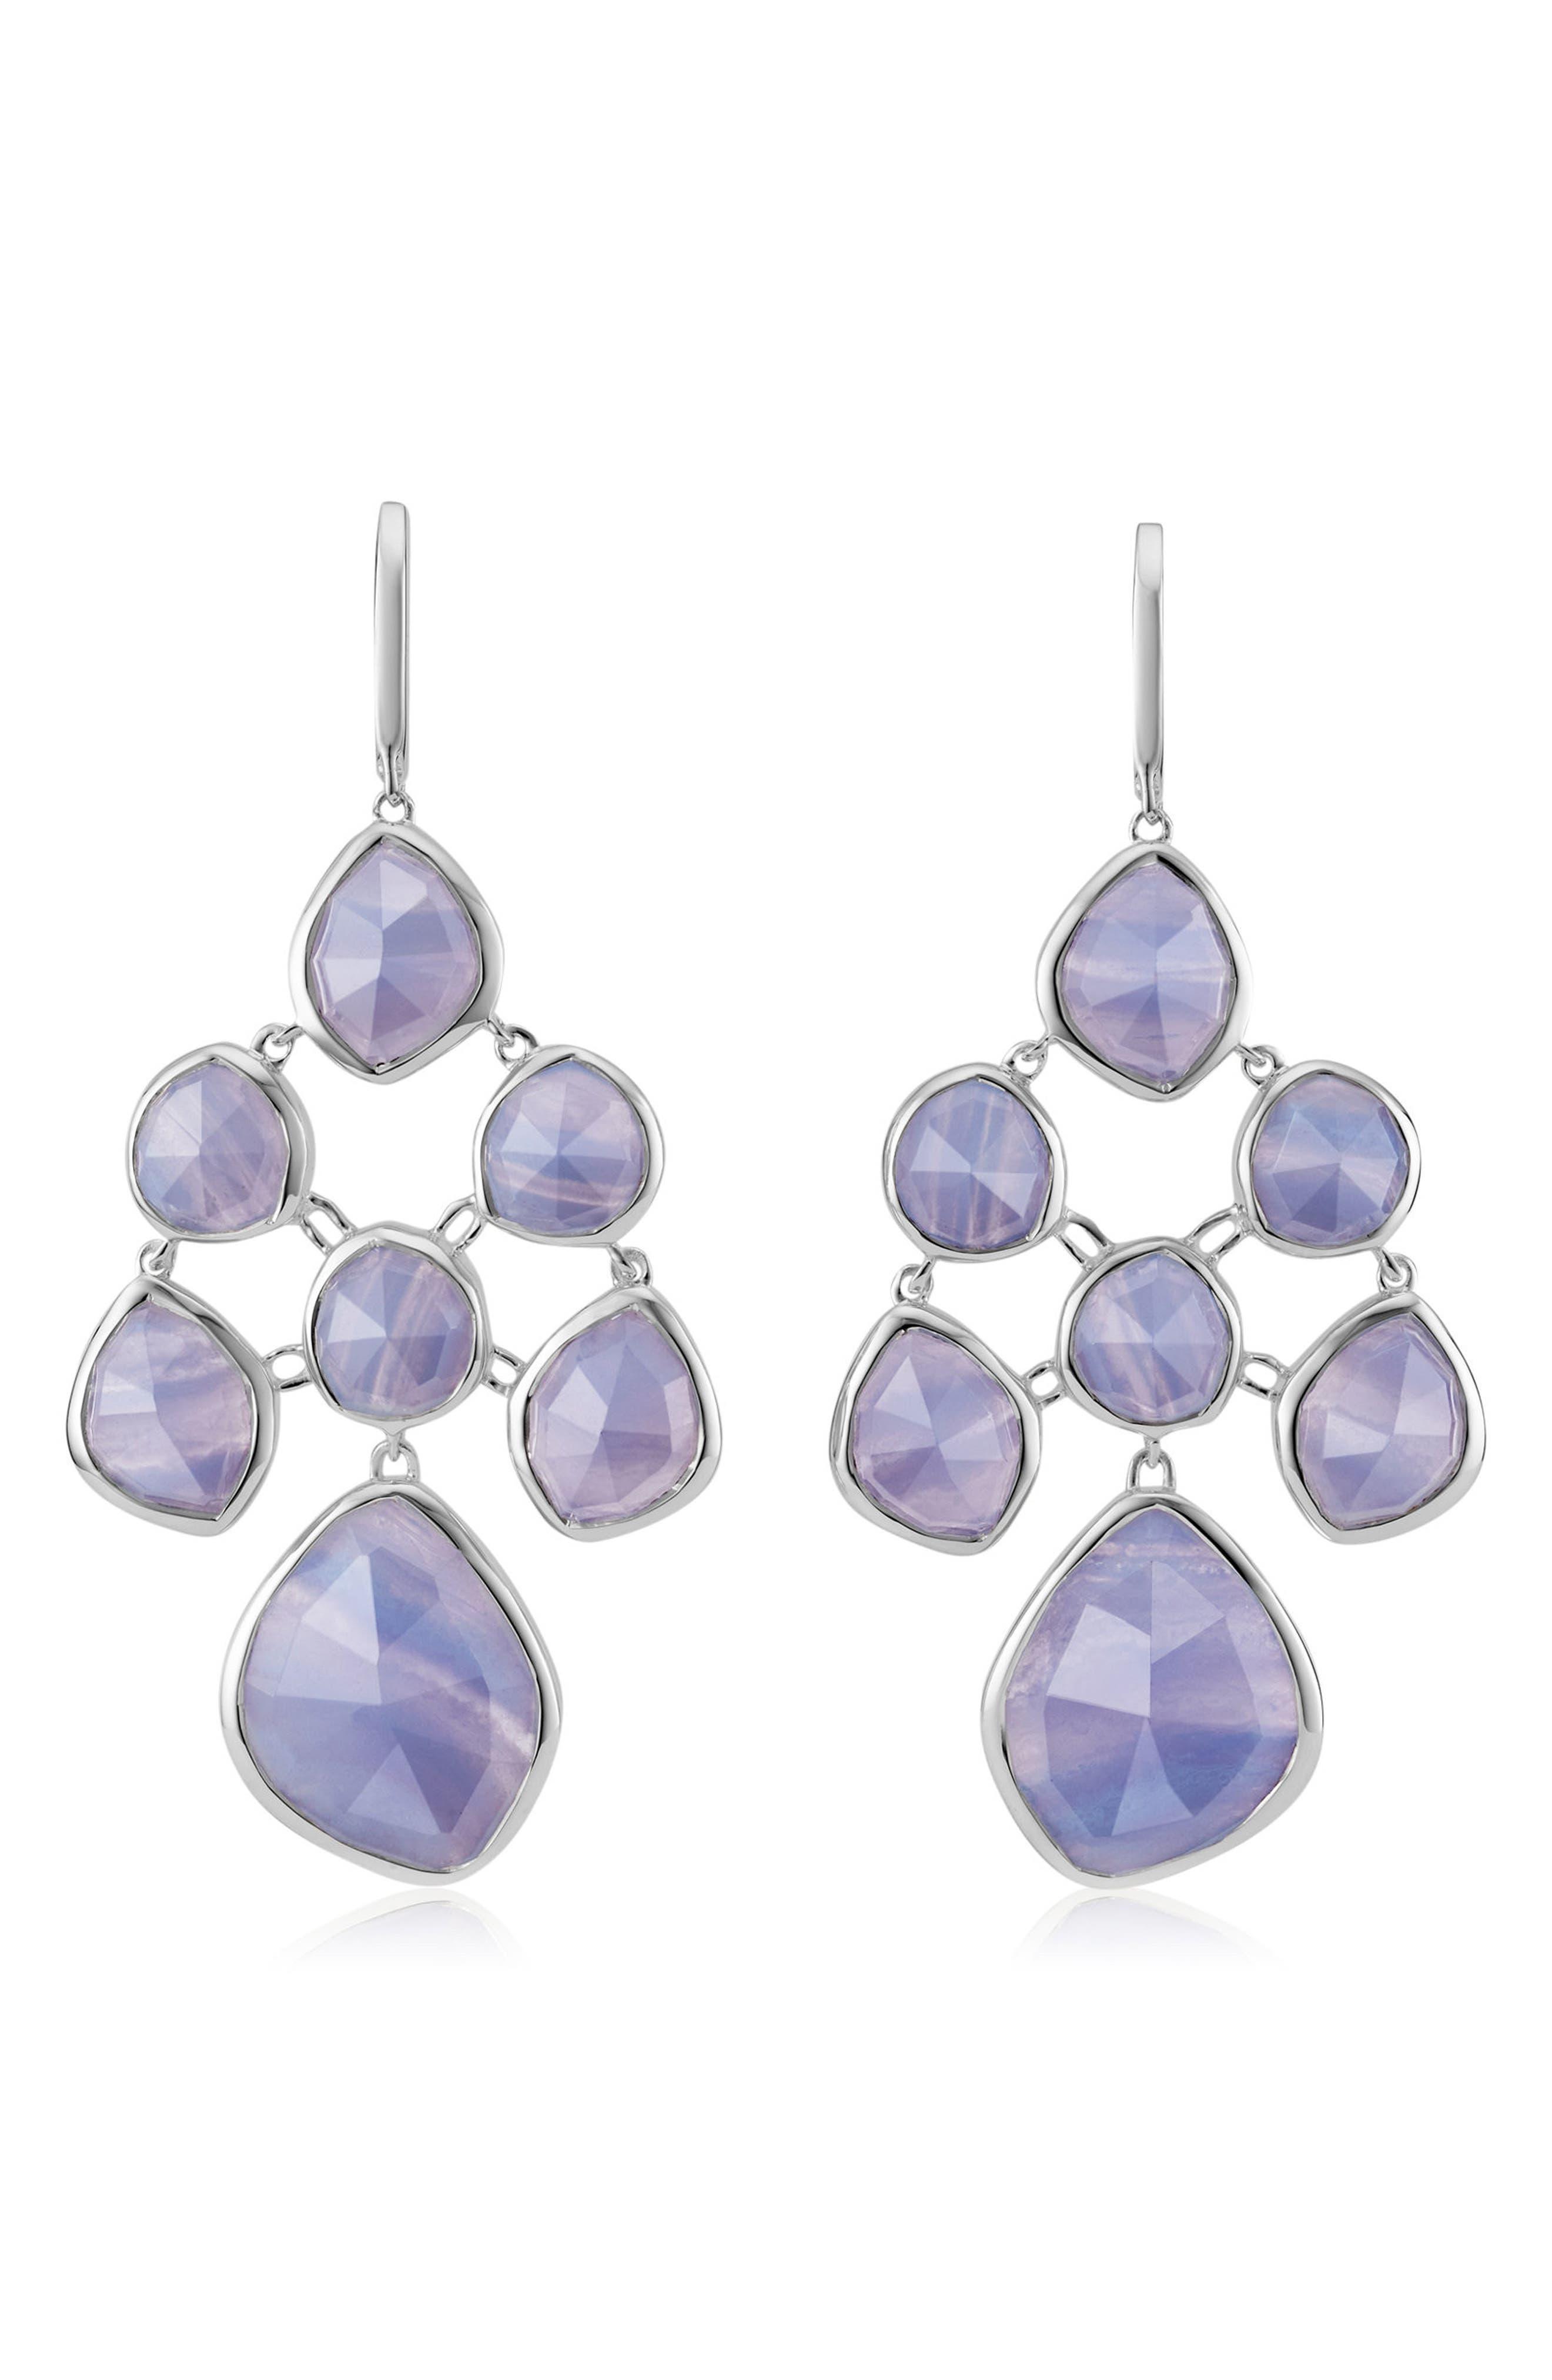 Siren Chandelier Earrings,                         Main,                         color, Silver/ Blue Lace Agate